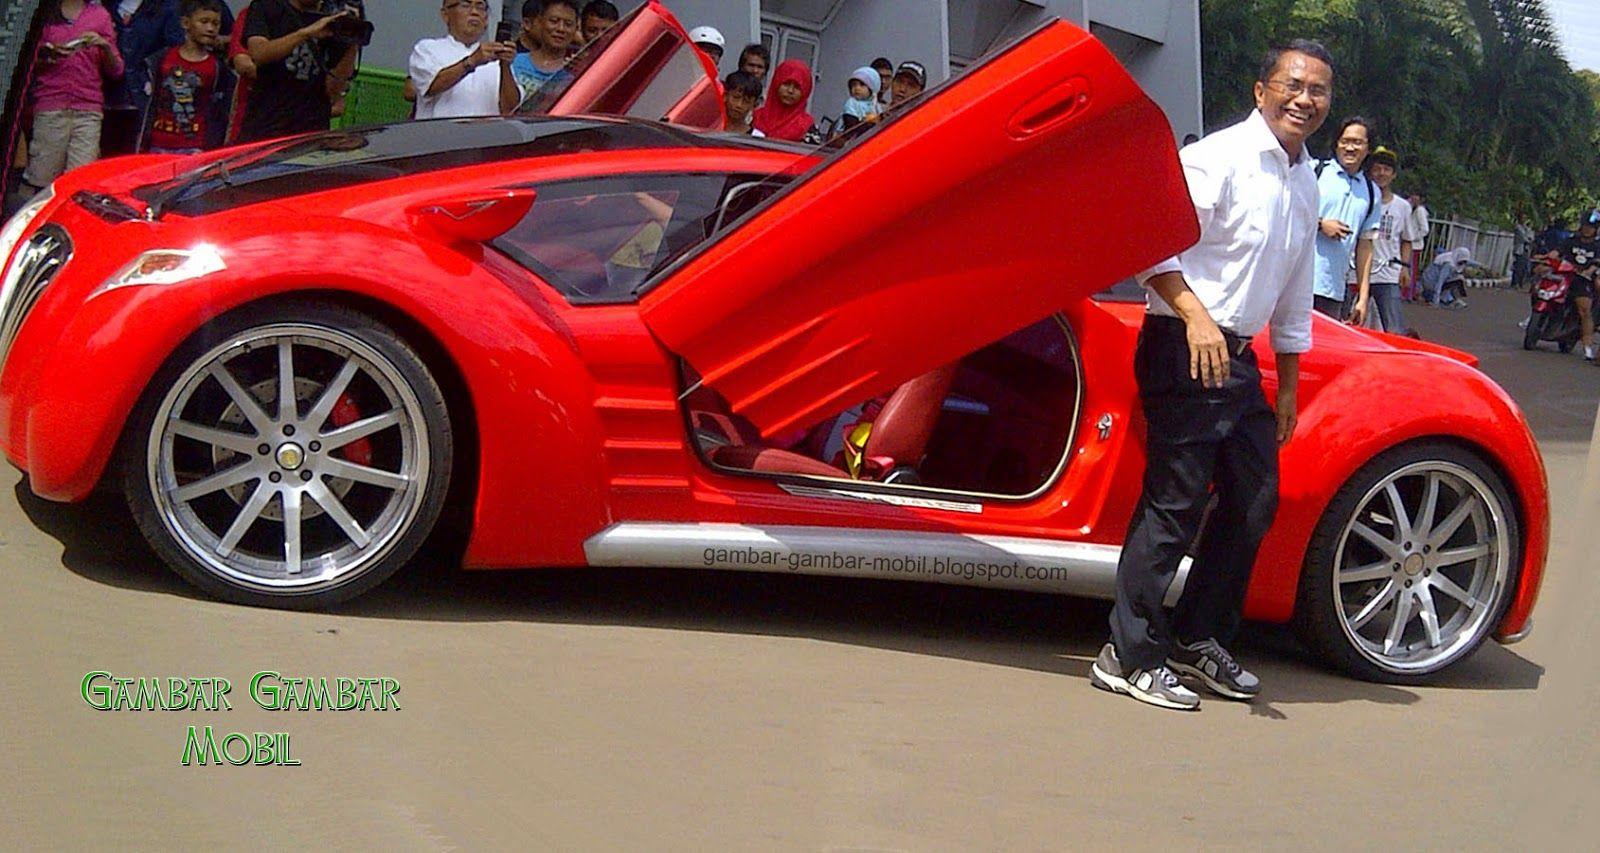 Gambar Mobil Indonesia Gambar Gambar Mobil Mobil Indonesia Mobil Sport